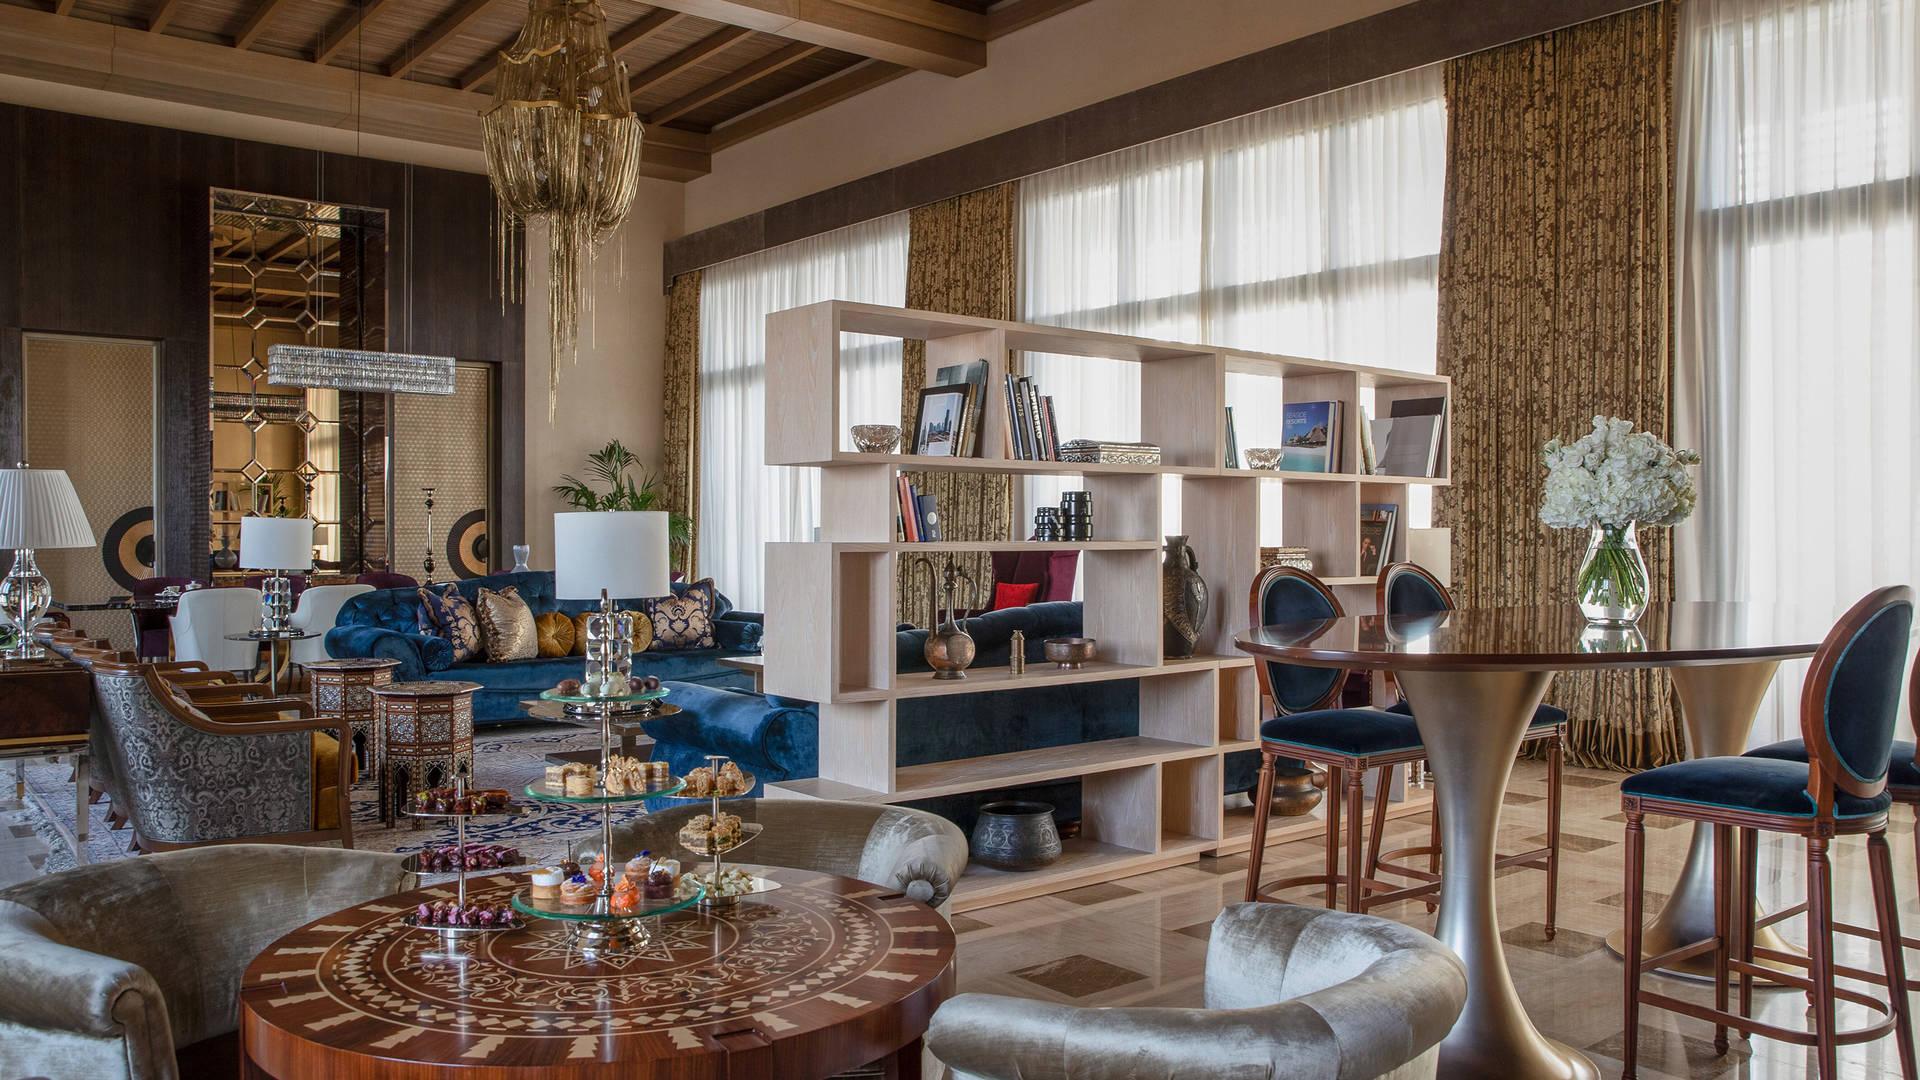 غرفة-معيشة-بالجناح-الملكي-جميرا-النسيم